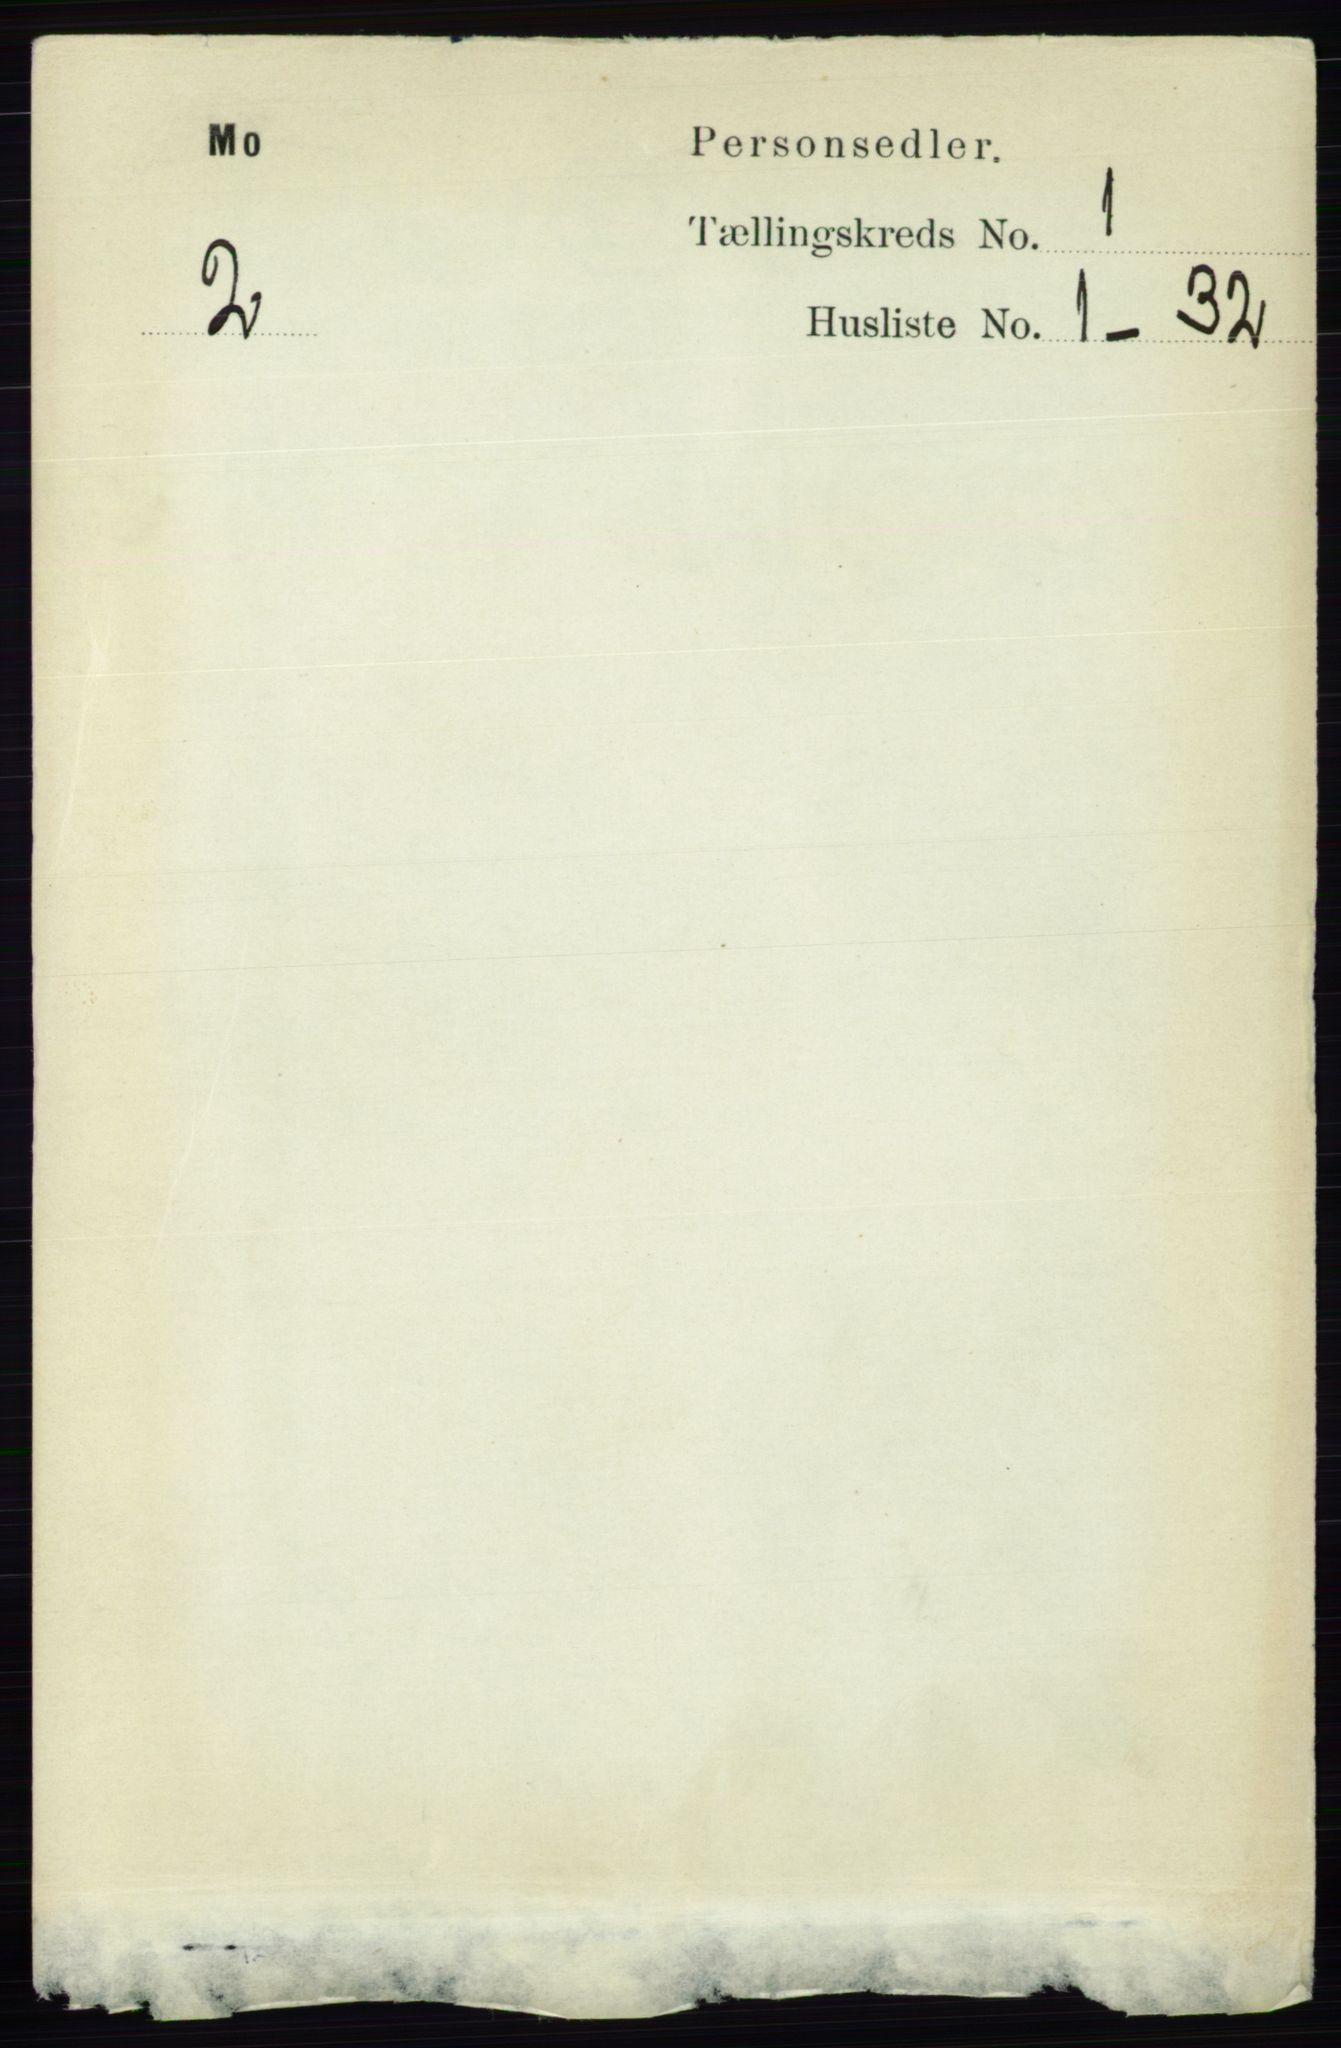 RA, Folketelling 1891 for 0832 Mo herred, 1891, s. 92